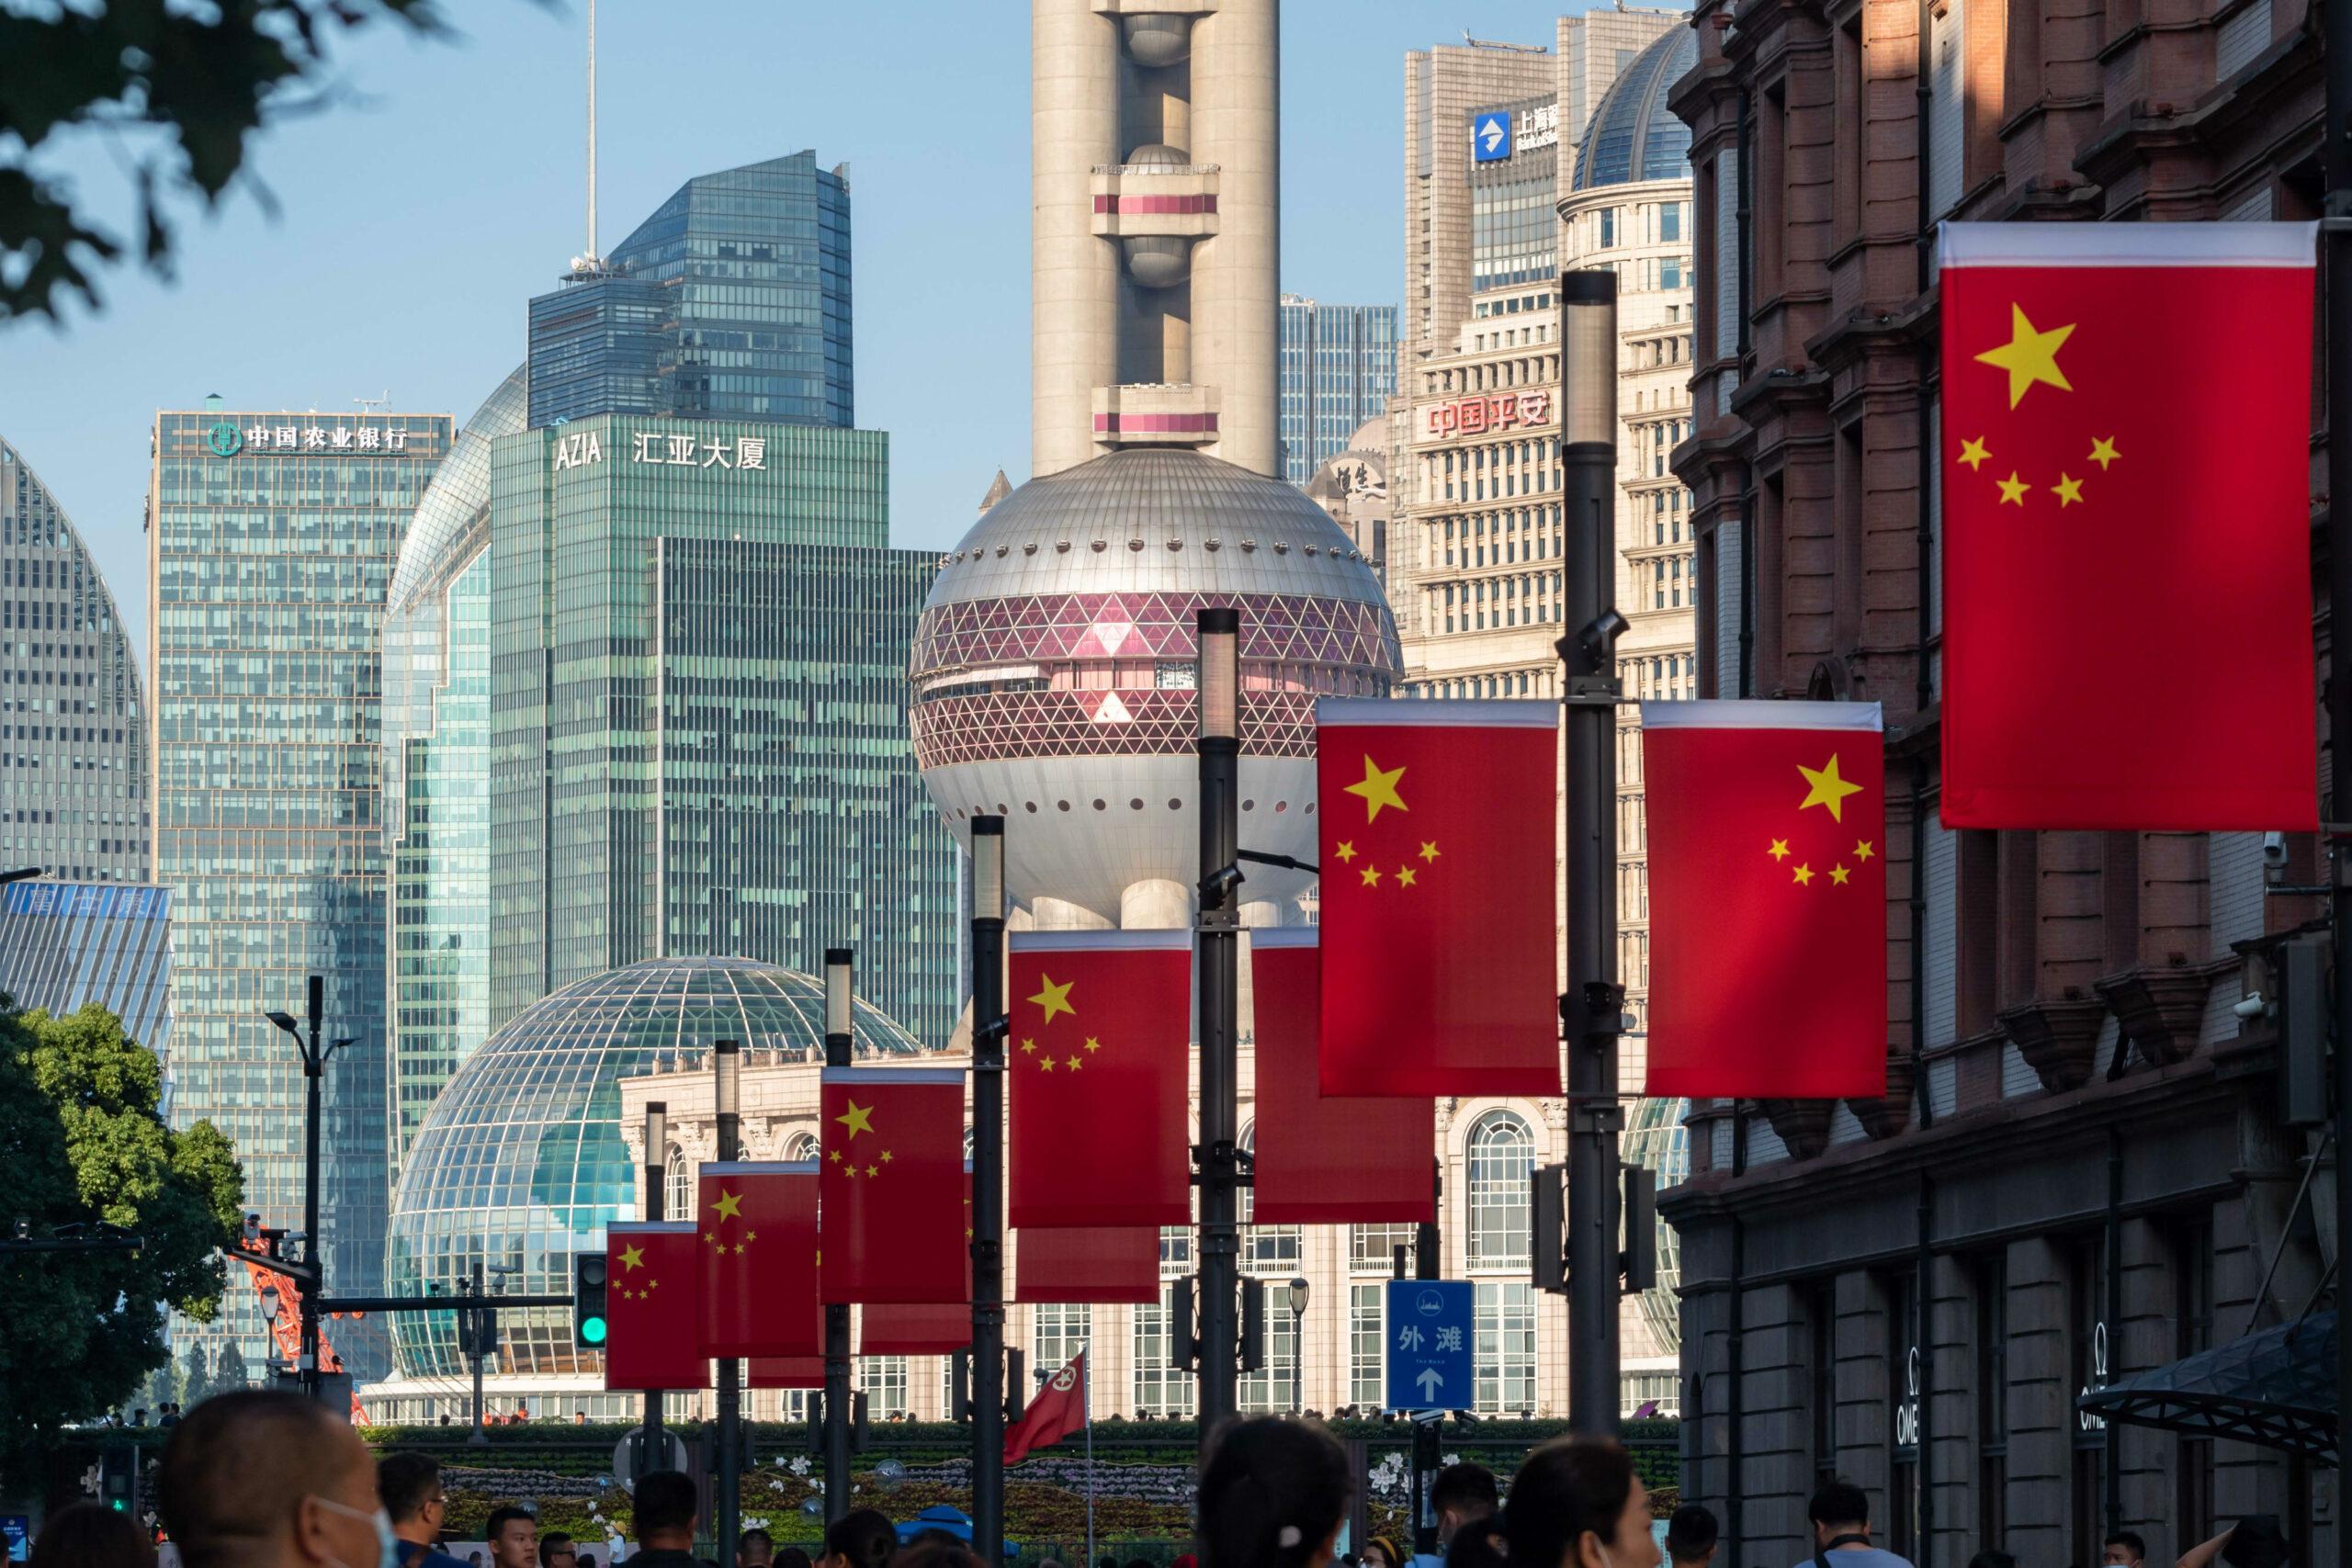 A key choice awaits China — money or principles